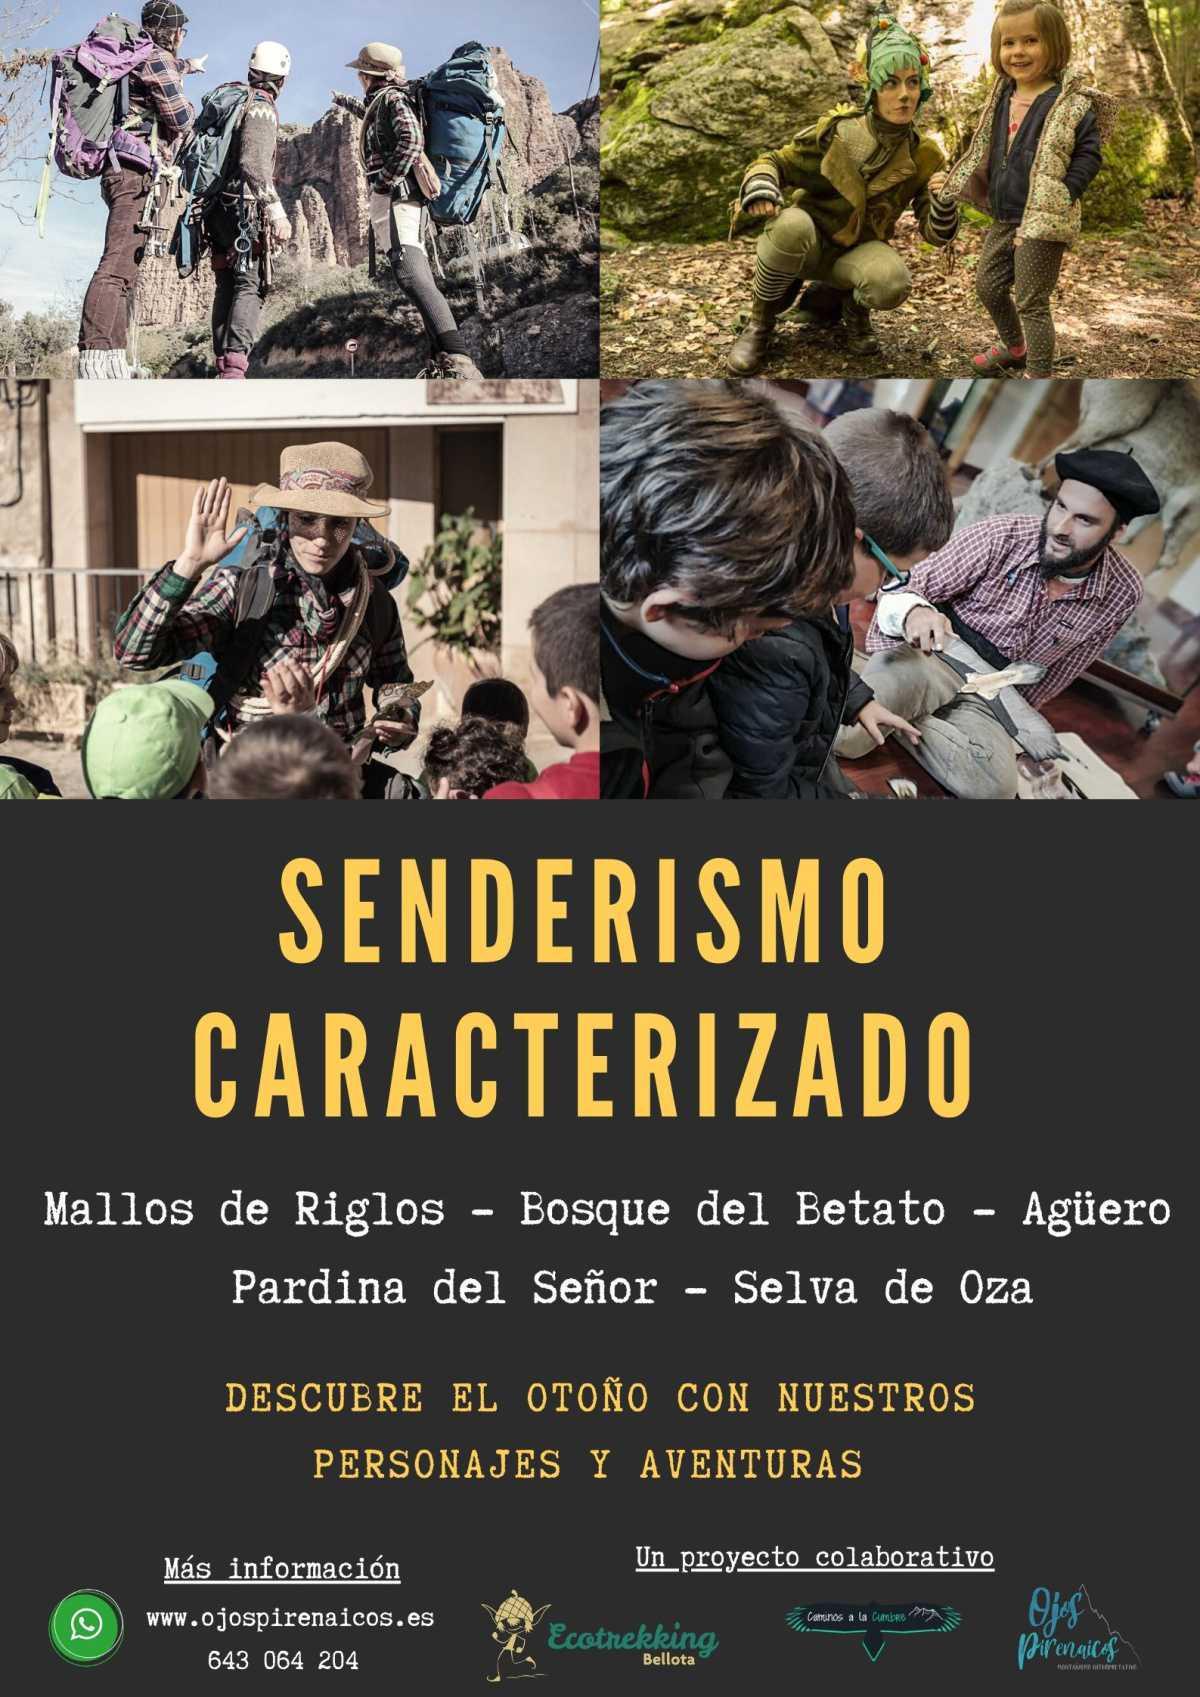 Senderismo y aventuras teatralizadas otoño-invierno en senderos de Huesca